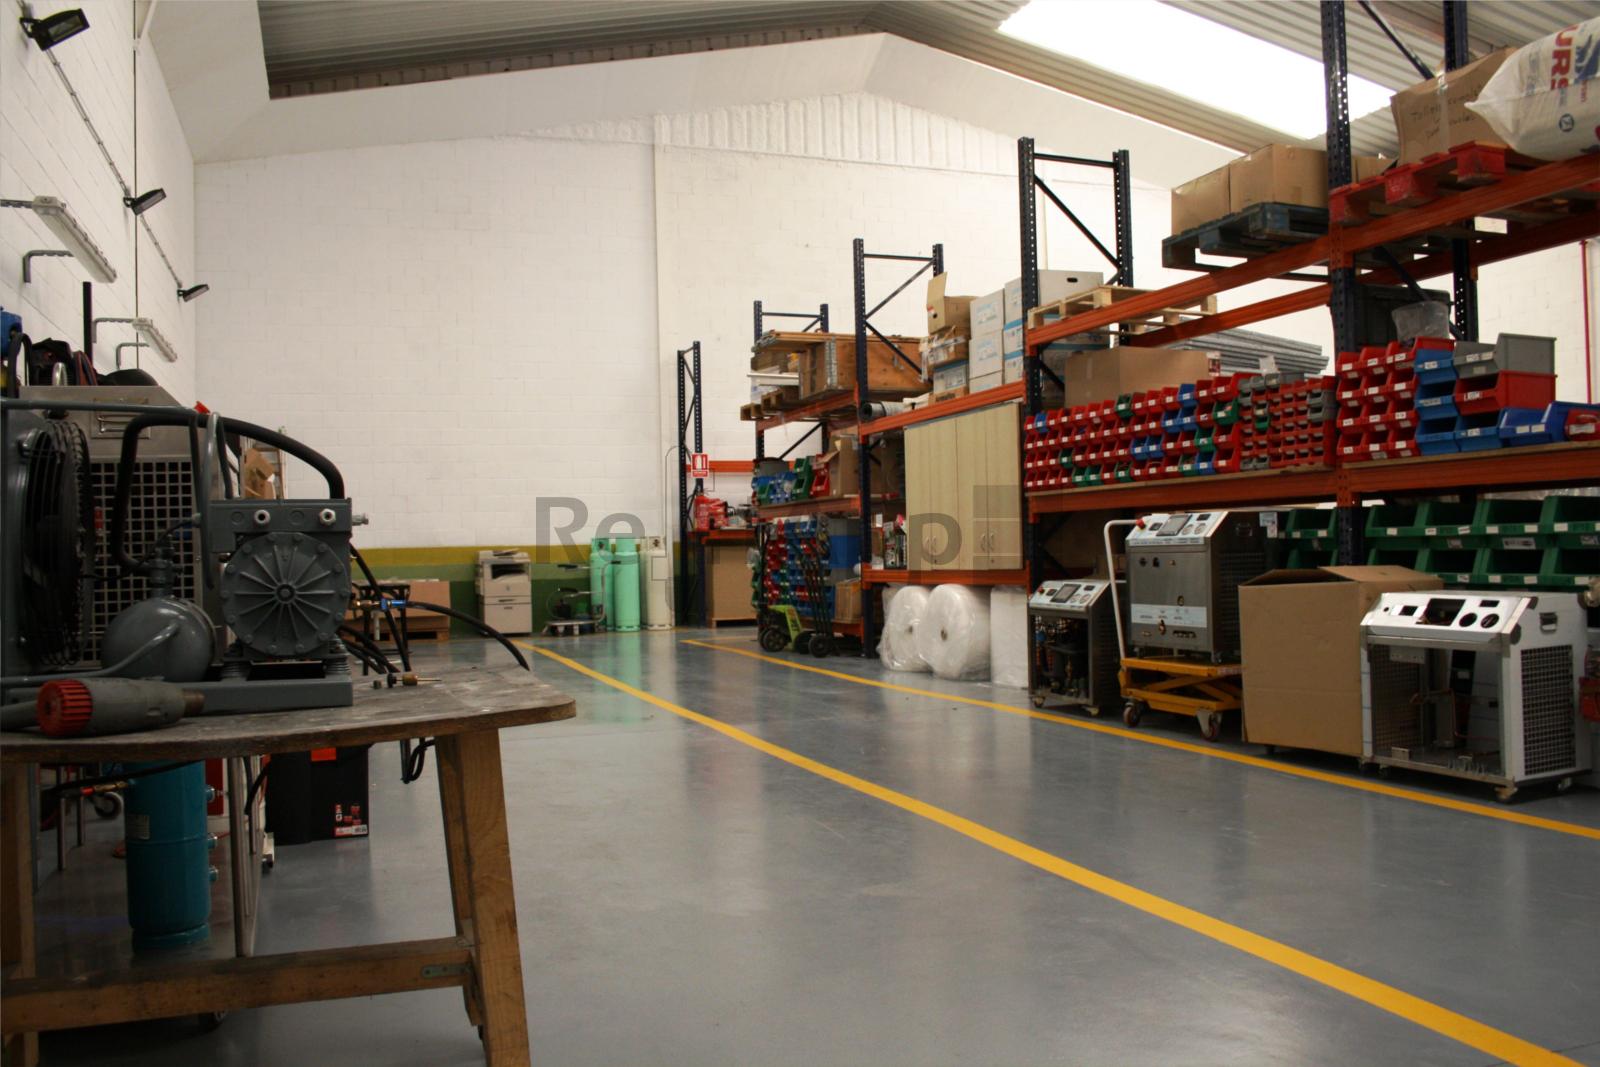 refriapp-facilities3